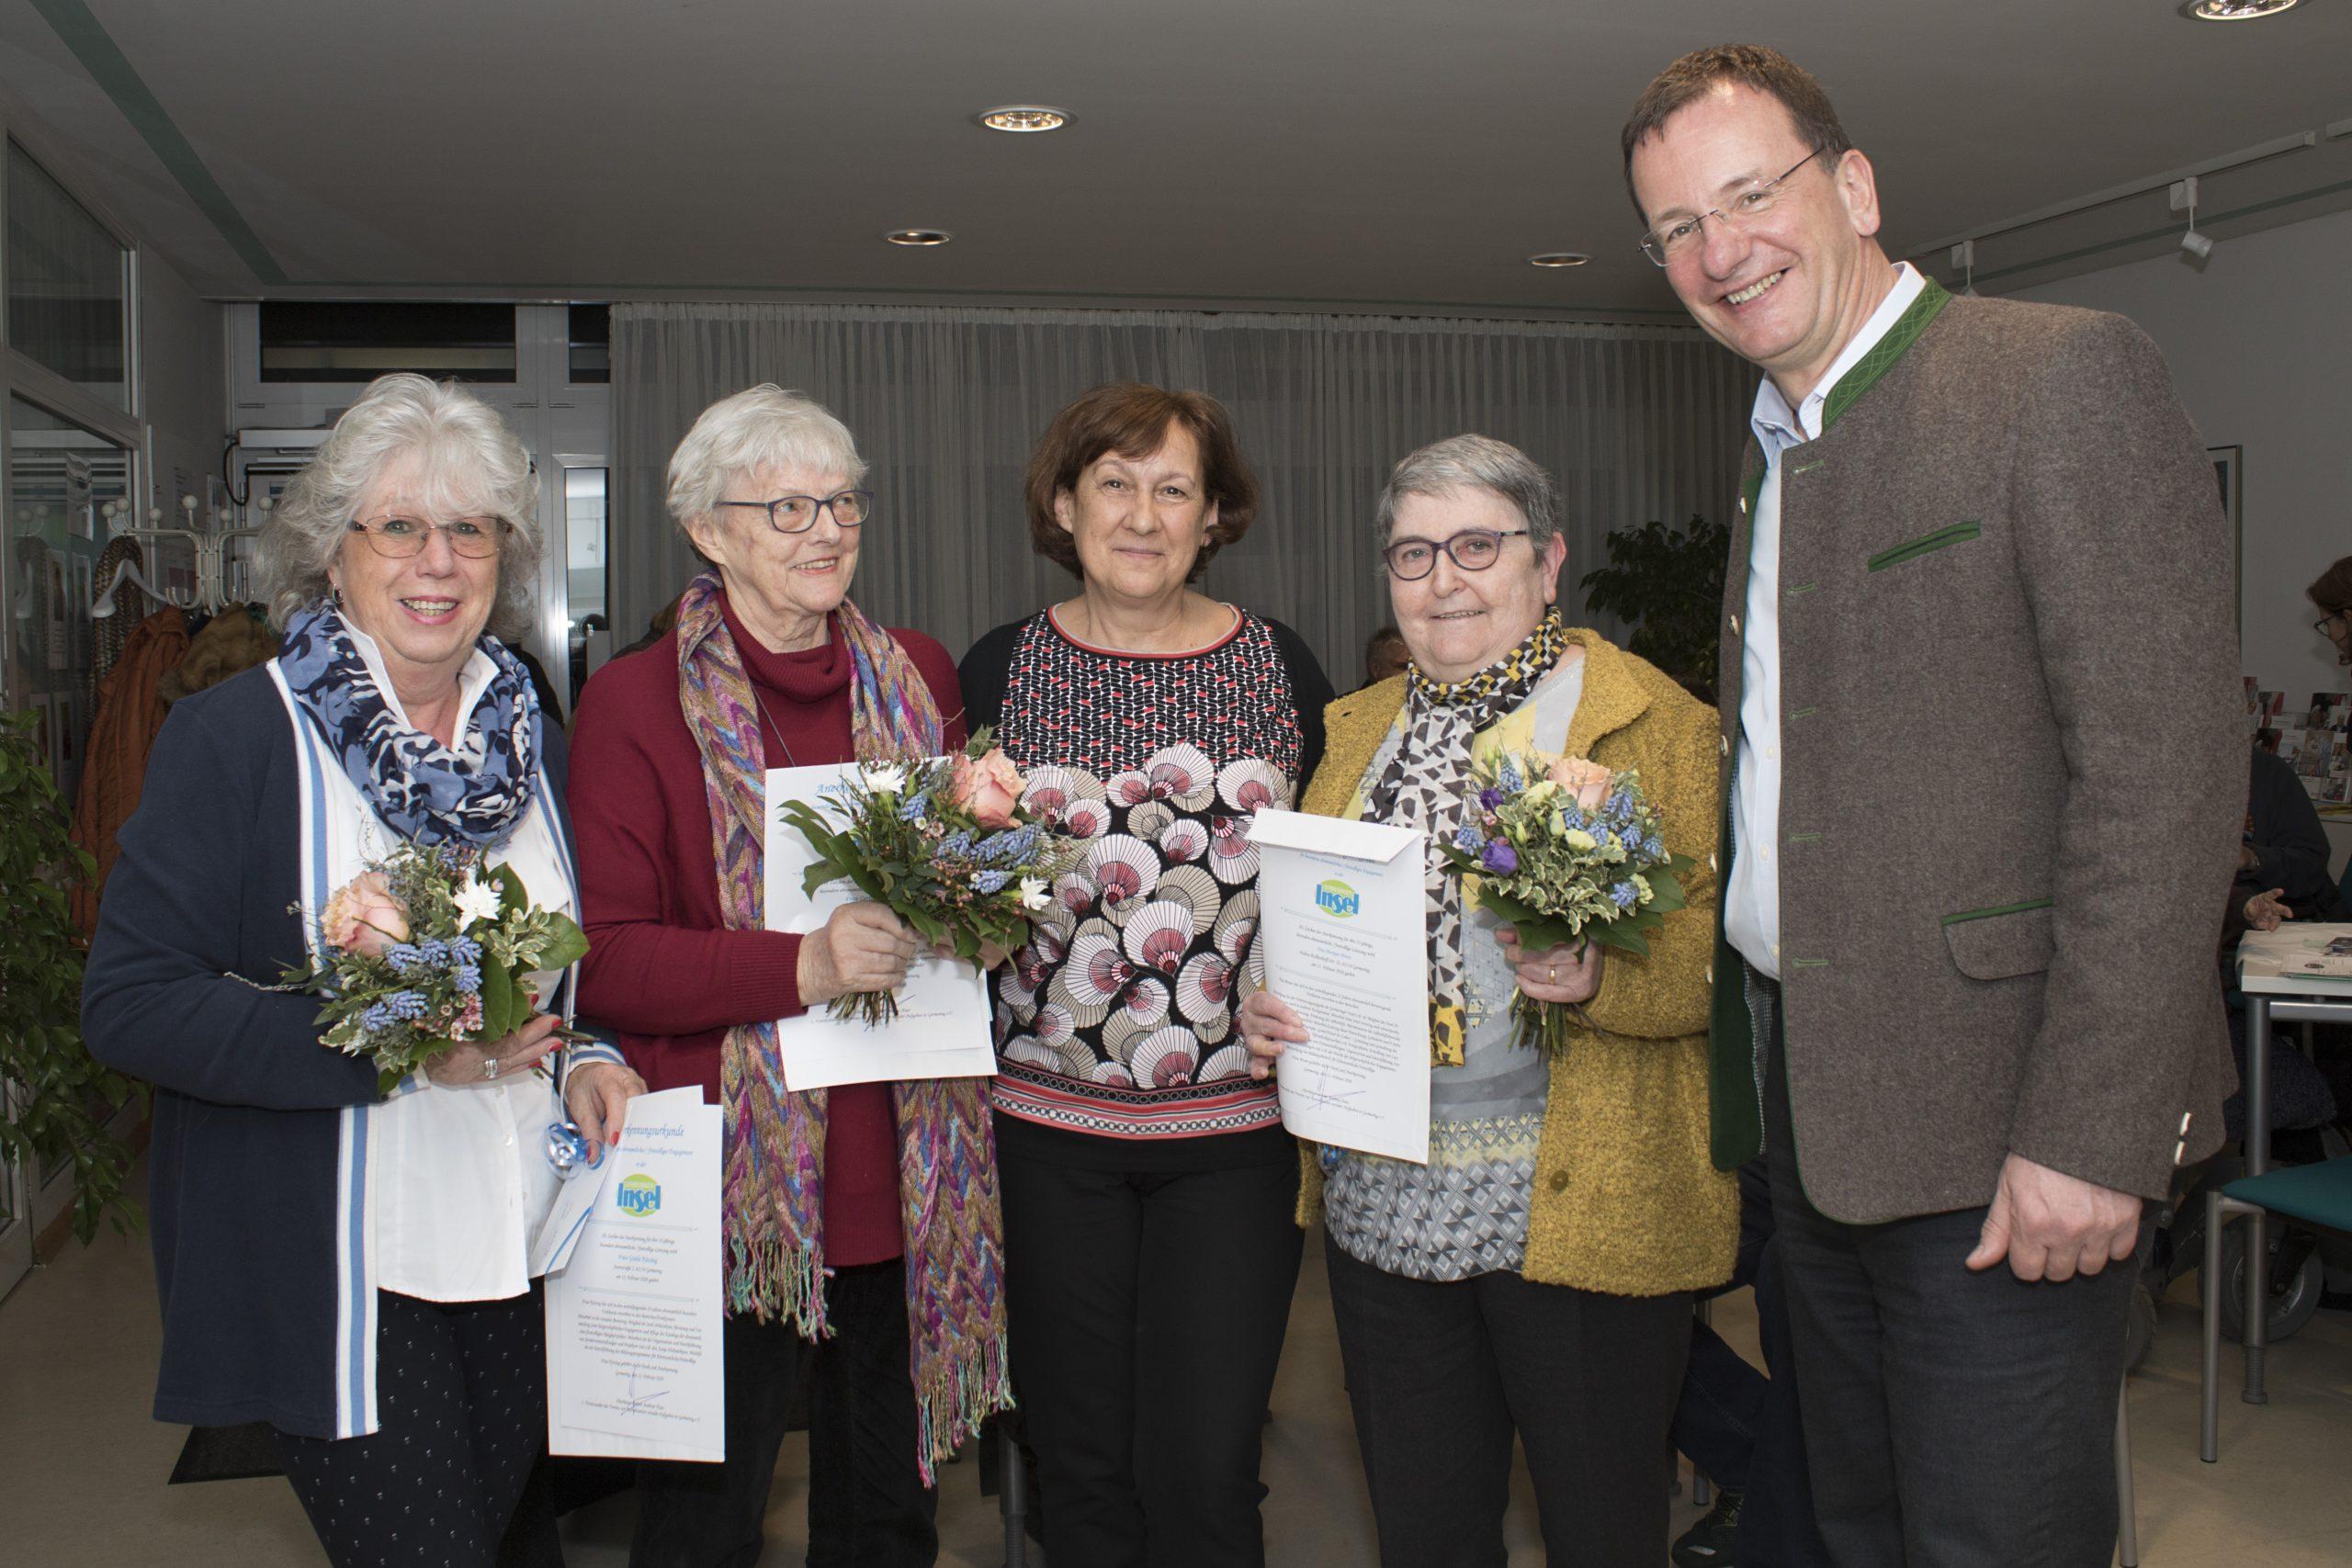 Ehrungen bei der Mitgliederversammlung des Vereins zur Koordination sozialer Aufgaben in Germering e.V.